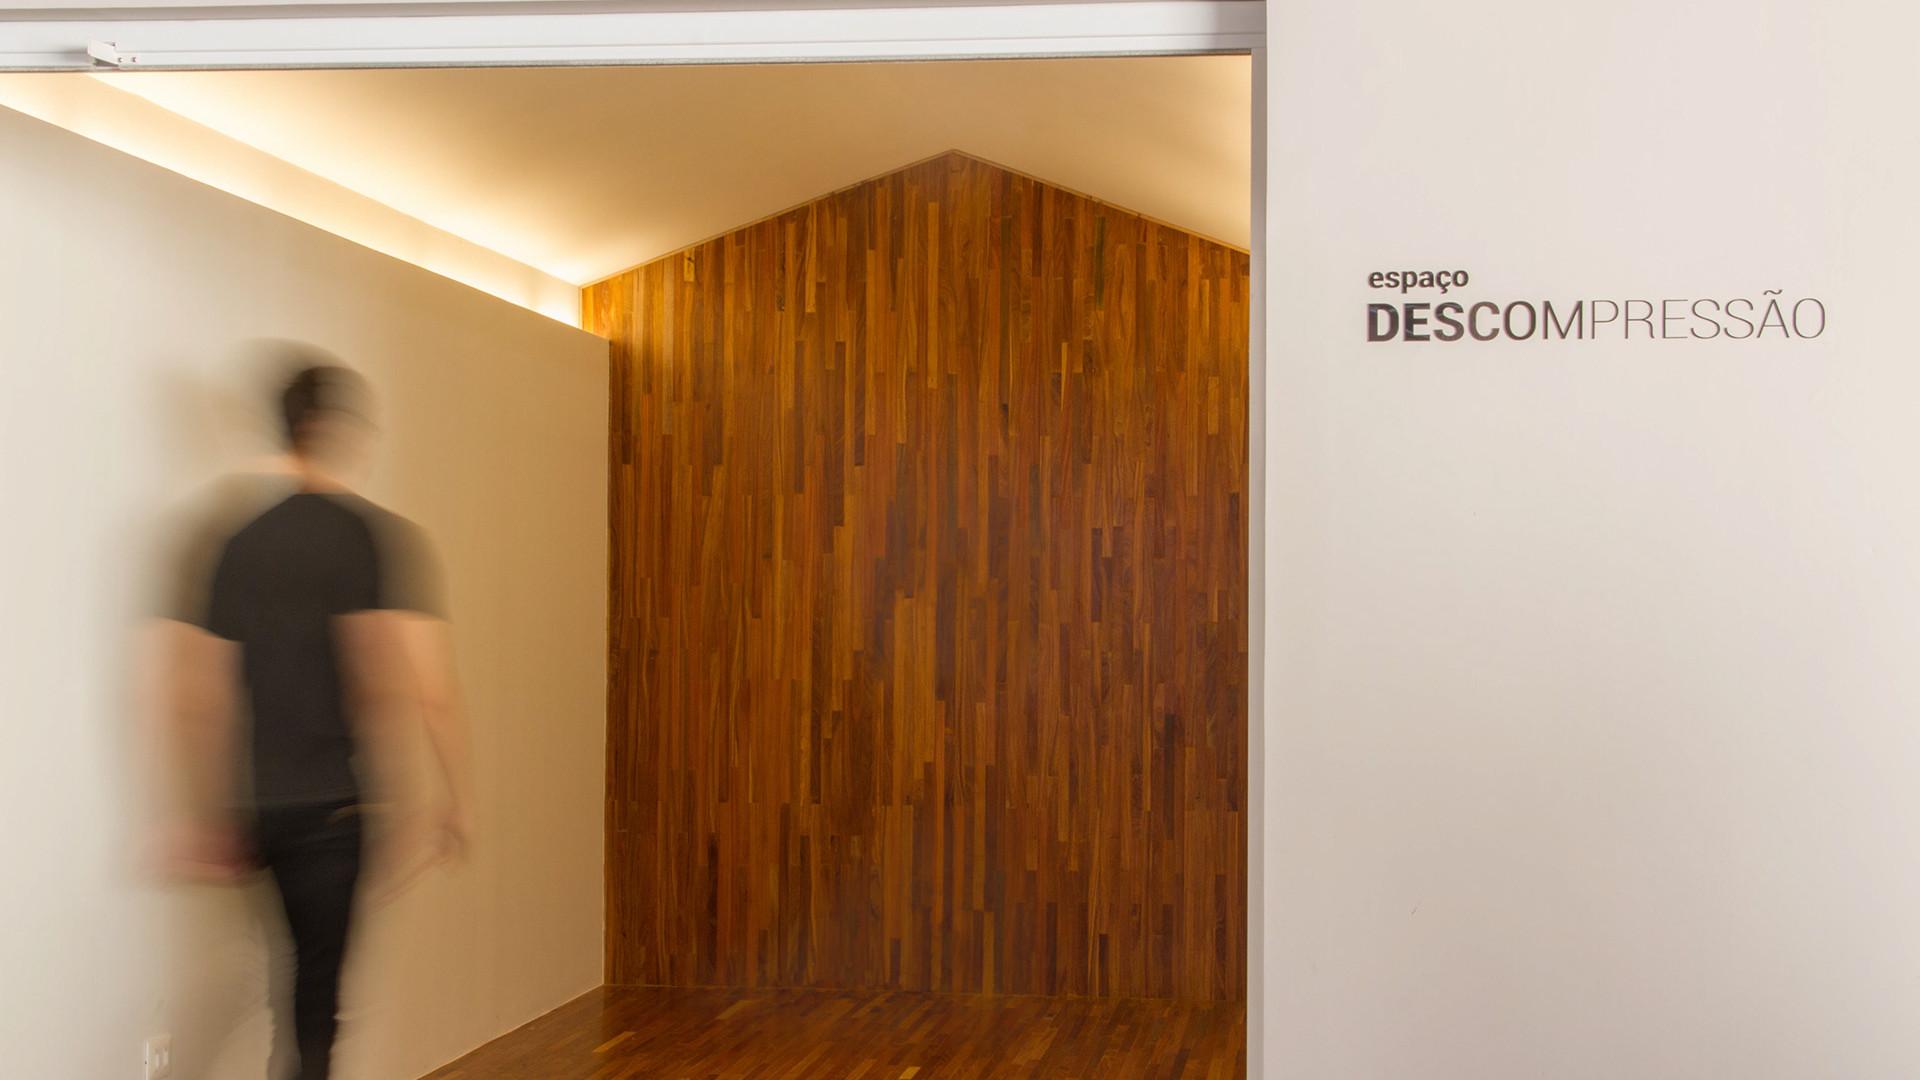 Espaço Descompressão - YVA Arquitetura 5